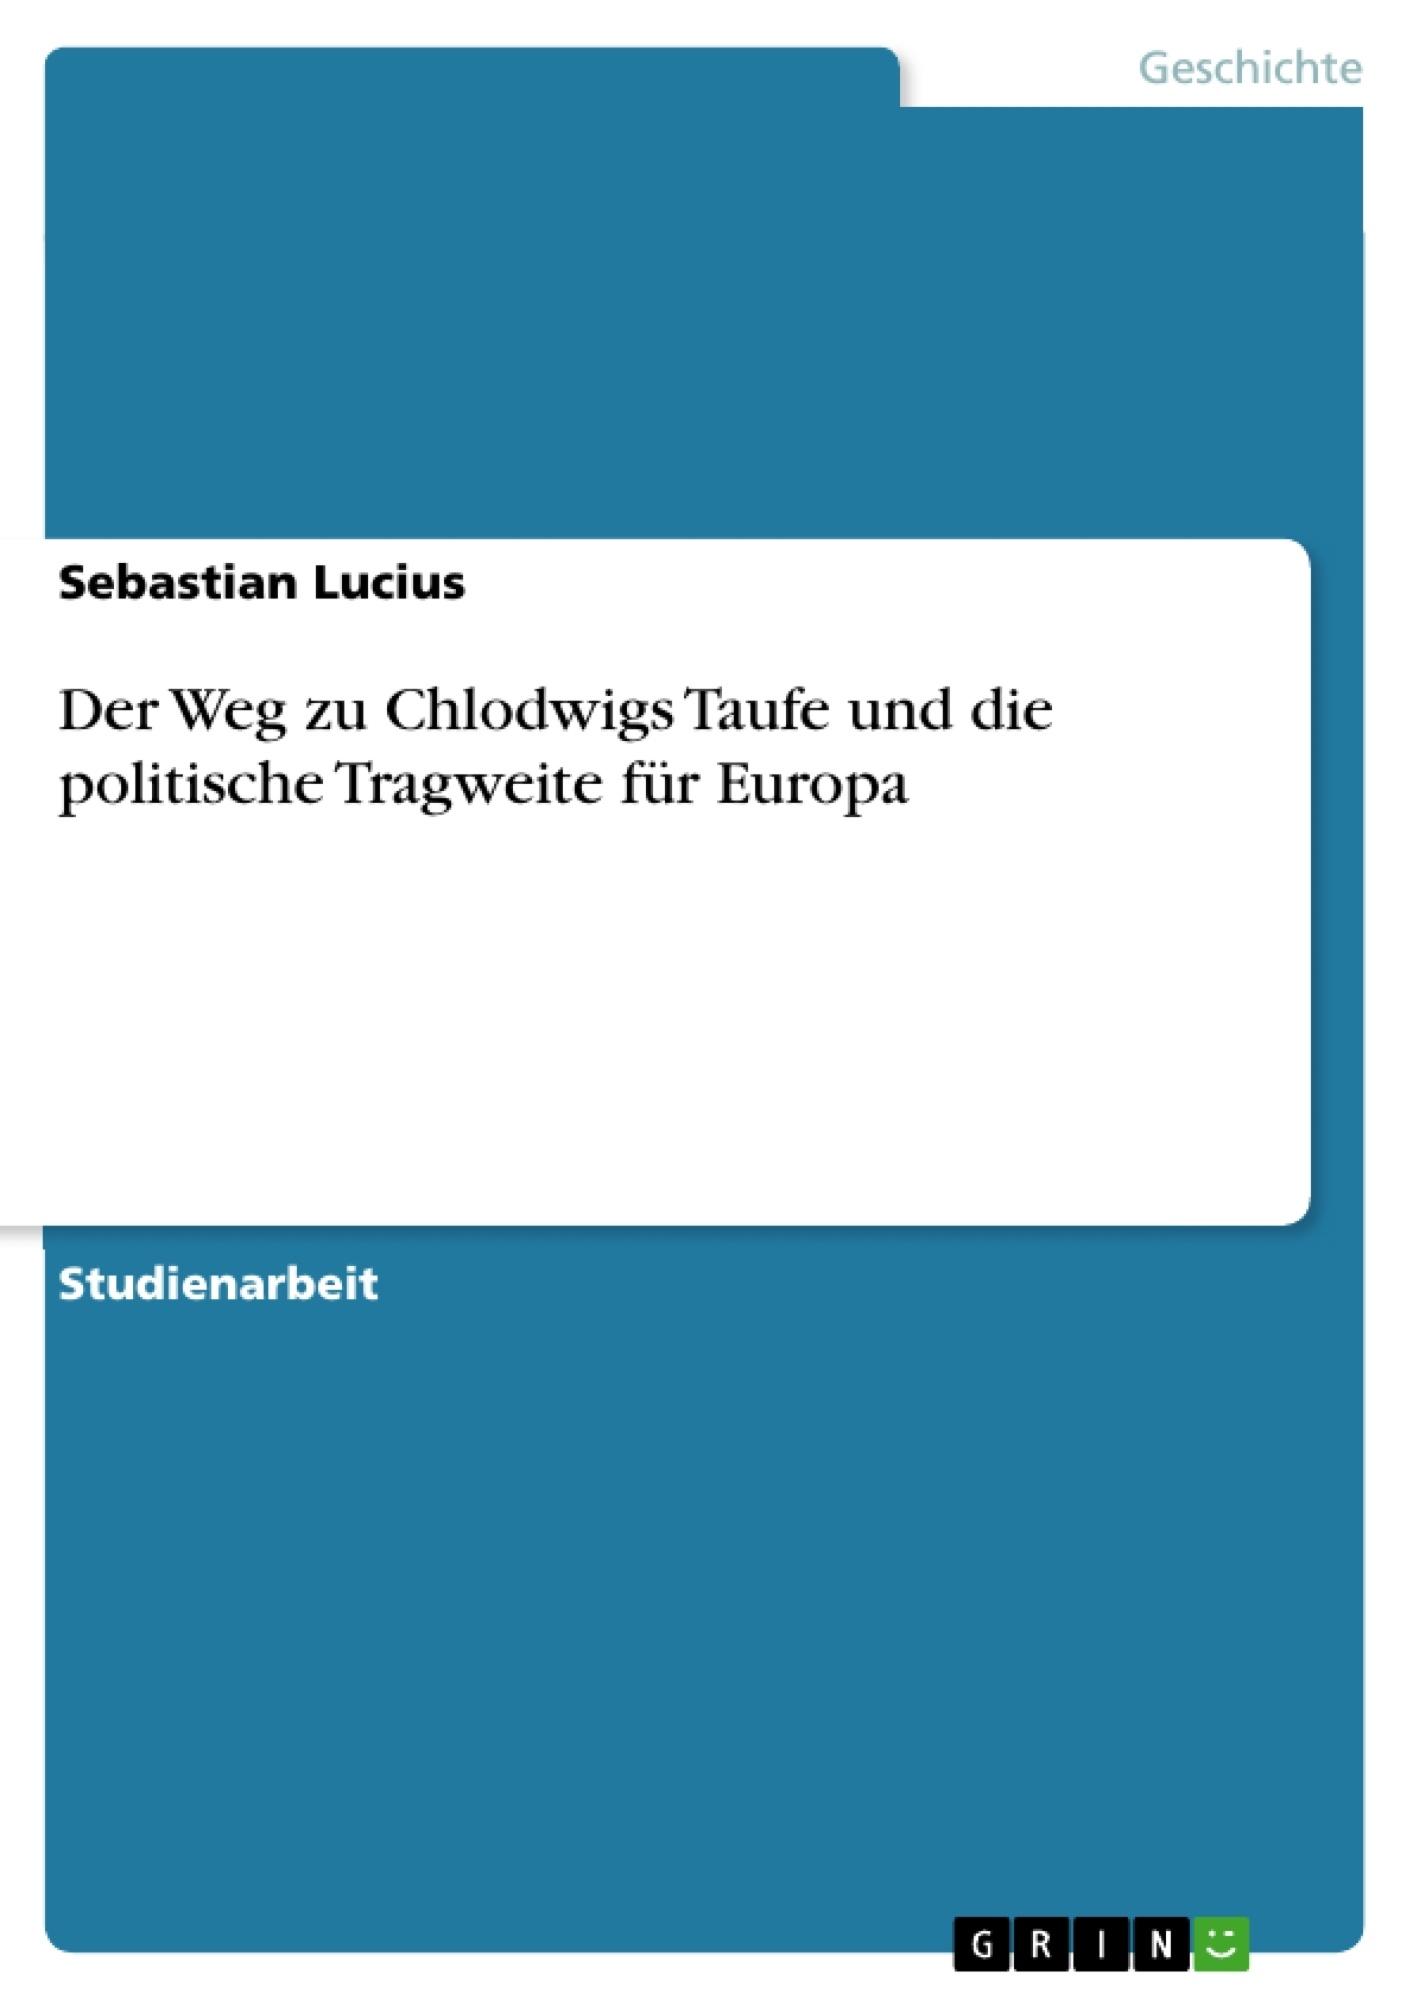 Titel: Der Weg zu Chlodwigs Taufe und die politische Tragweite für Europa